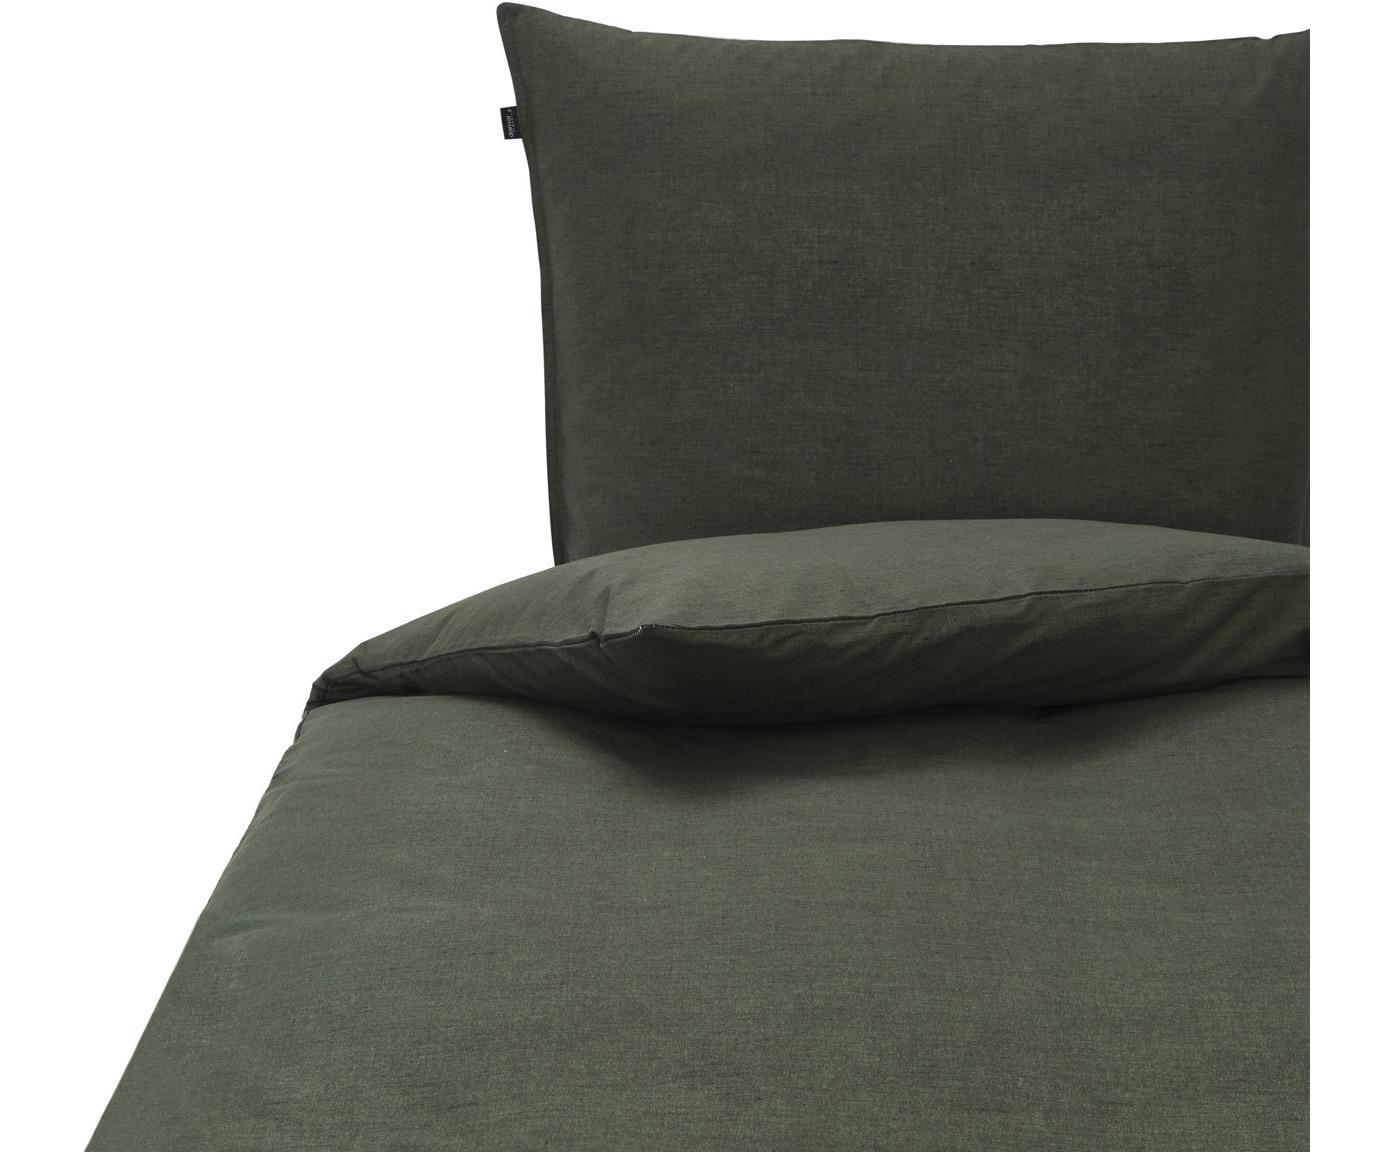 Pościel z bawełny organicznej Birk, 100% bawełna organiczna  Produkt wykonany jest z bawełny, jest przyjemnie miękki, dobrze wchłania wilgoć i przeznaczony jest dla alergików, Zielony, 200 x 200 cm